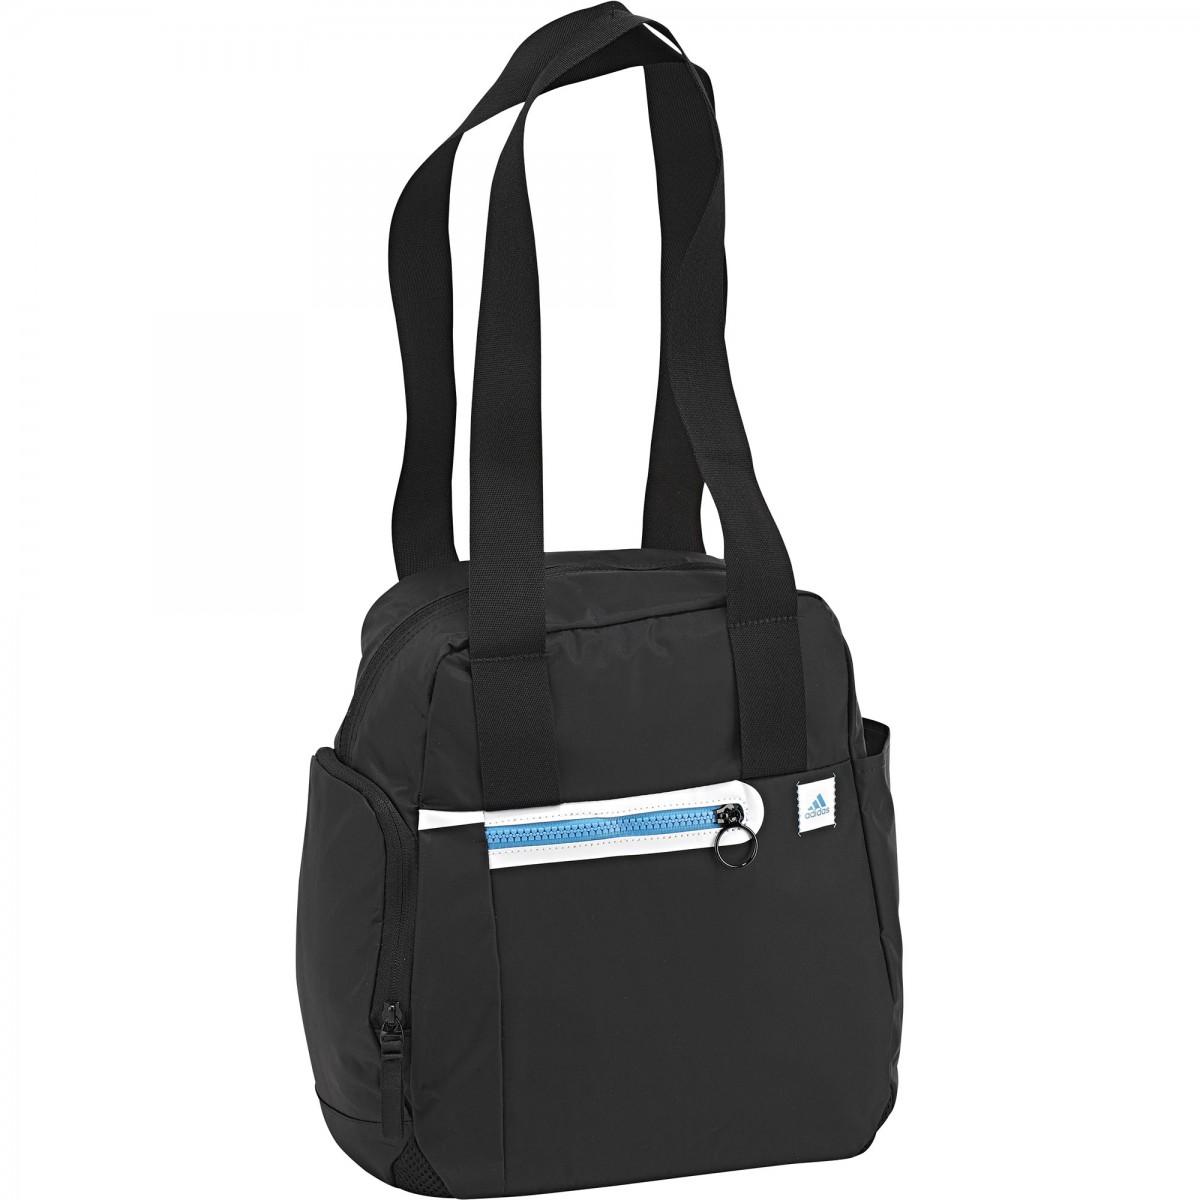 896e4202e Bolsa Adidas Shoulder Perf Ess W | Treino e Corrida